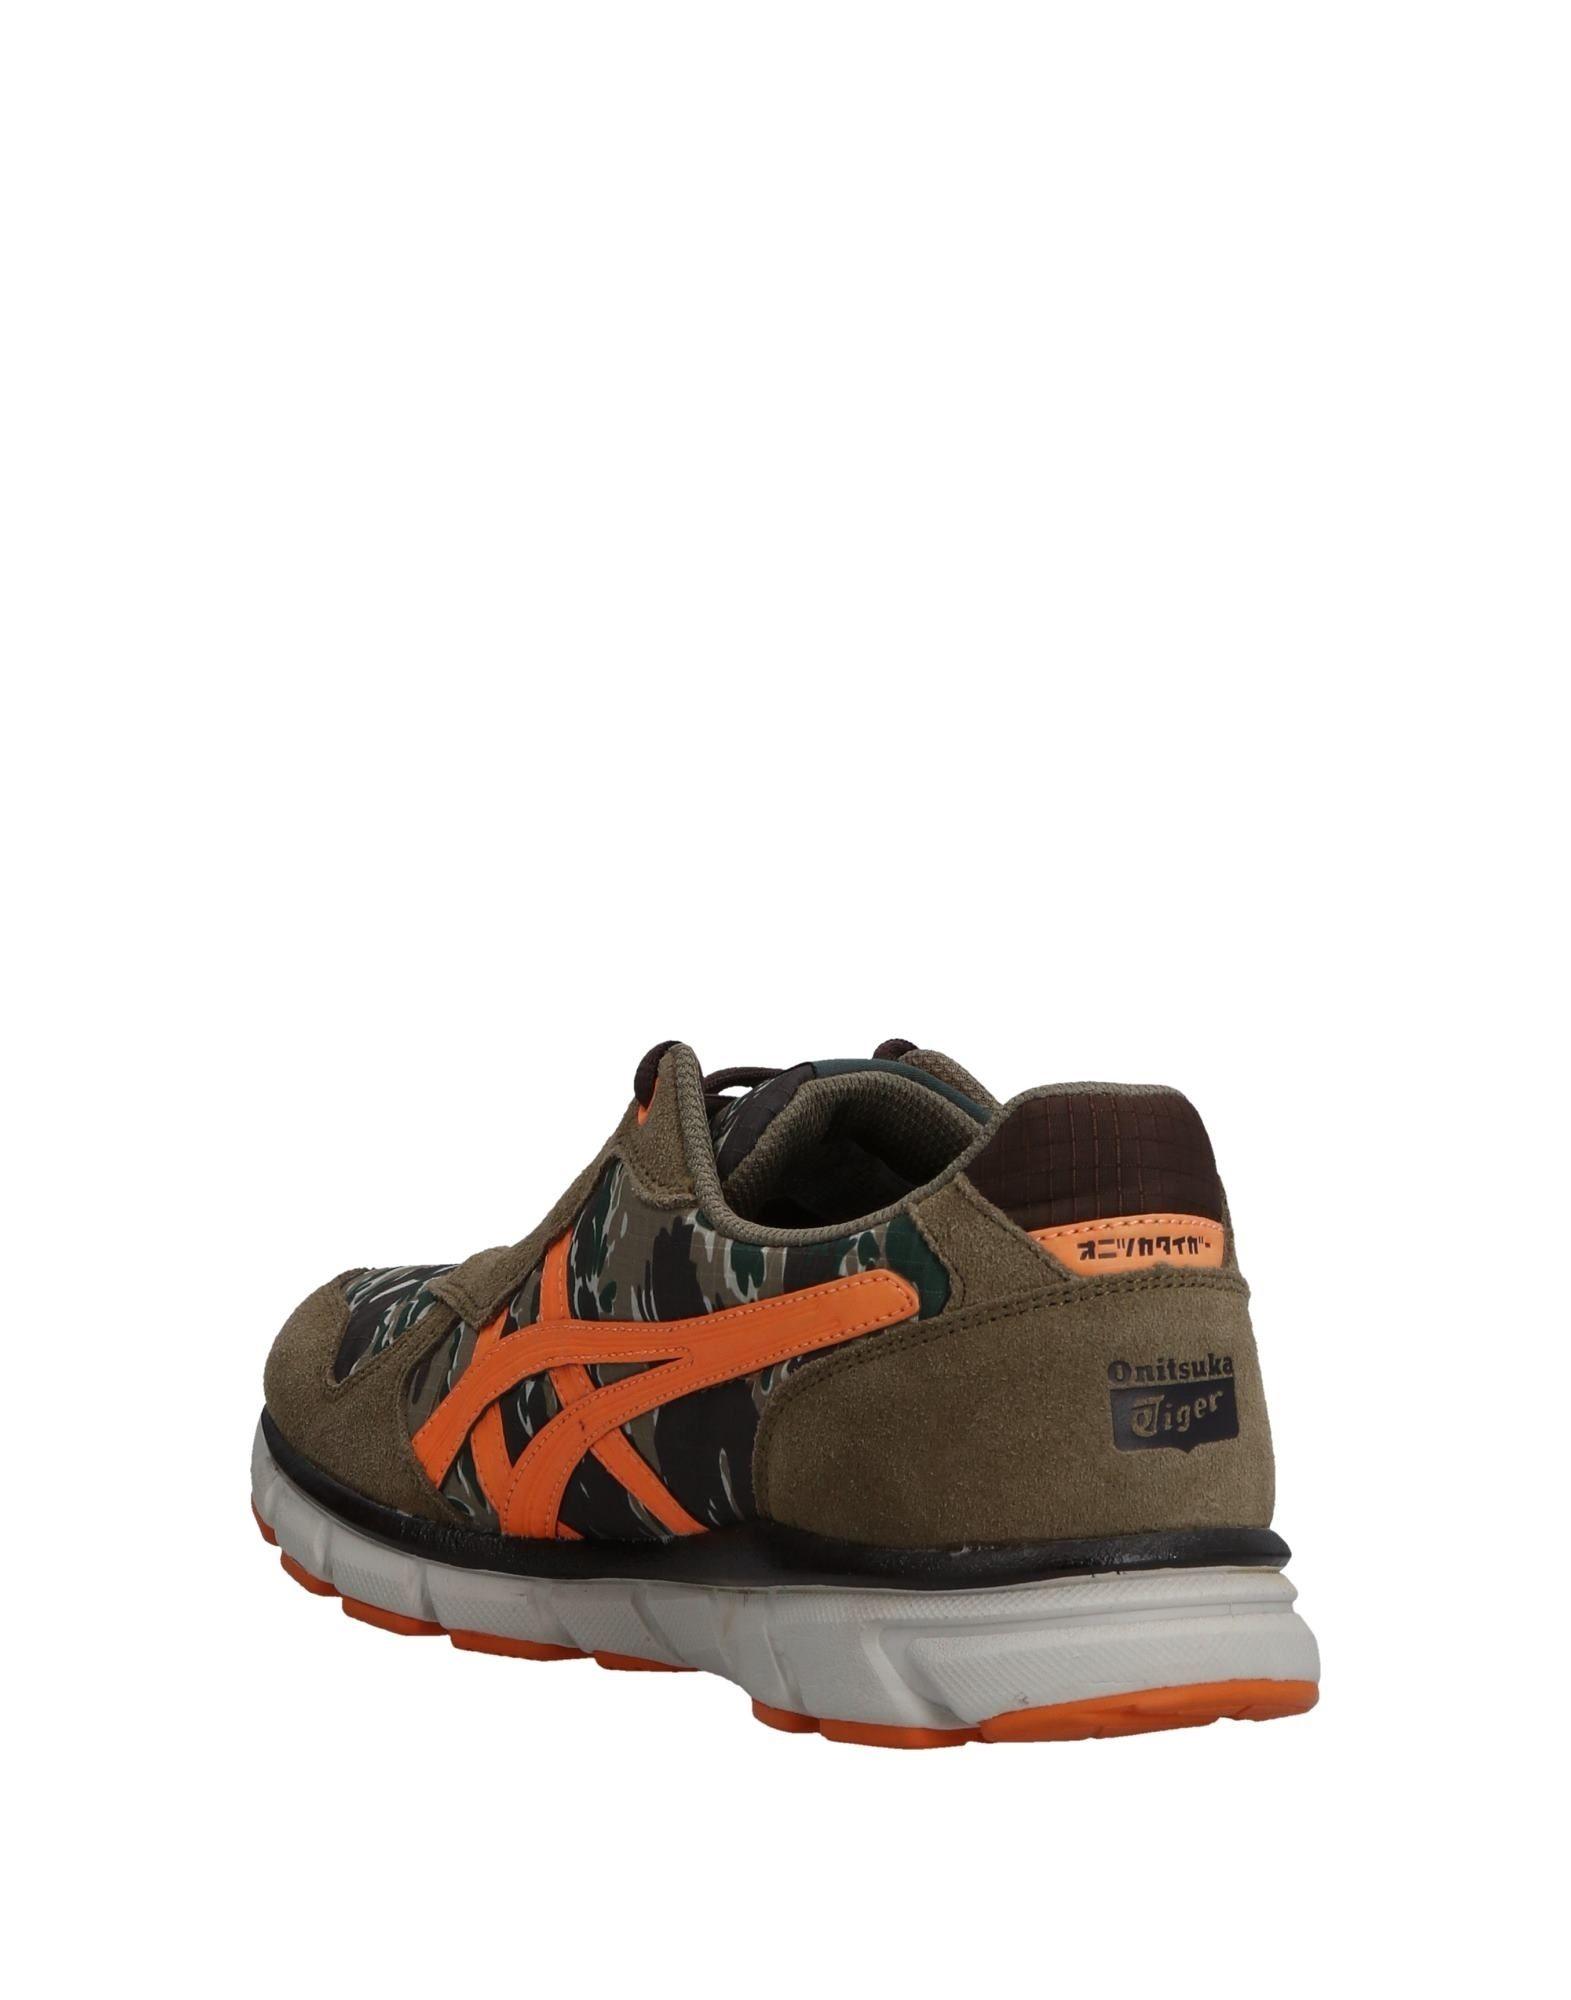 Rabatt Tiger echte Schuhe Onitsuka Tiger Rabatt Sneakers Herren  11524152MC f2eb9b